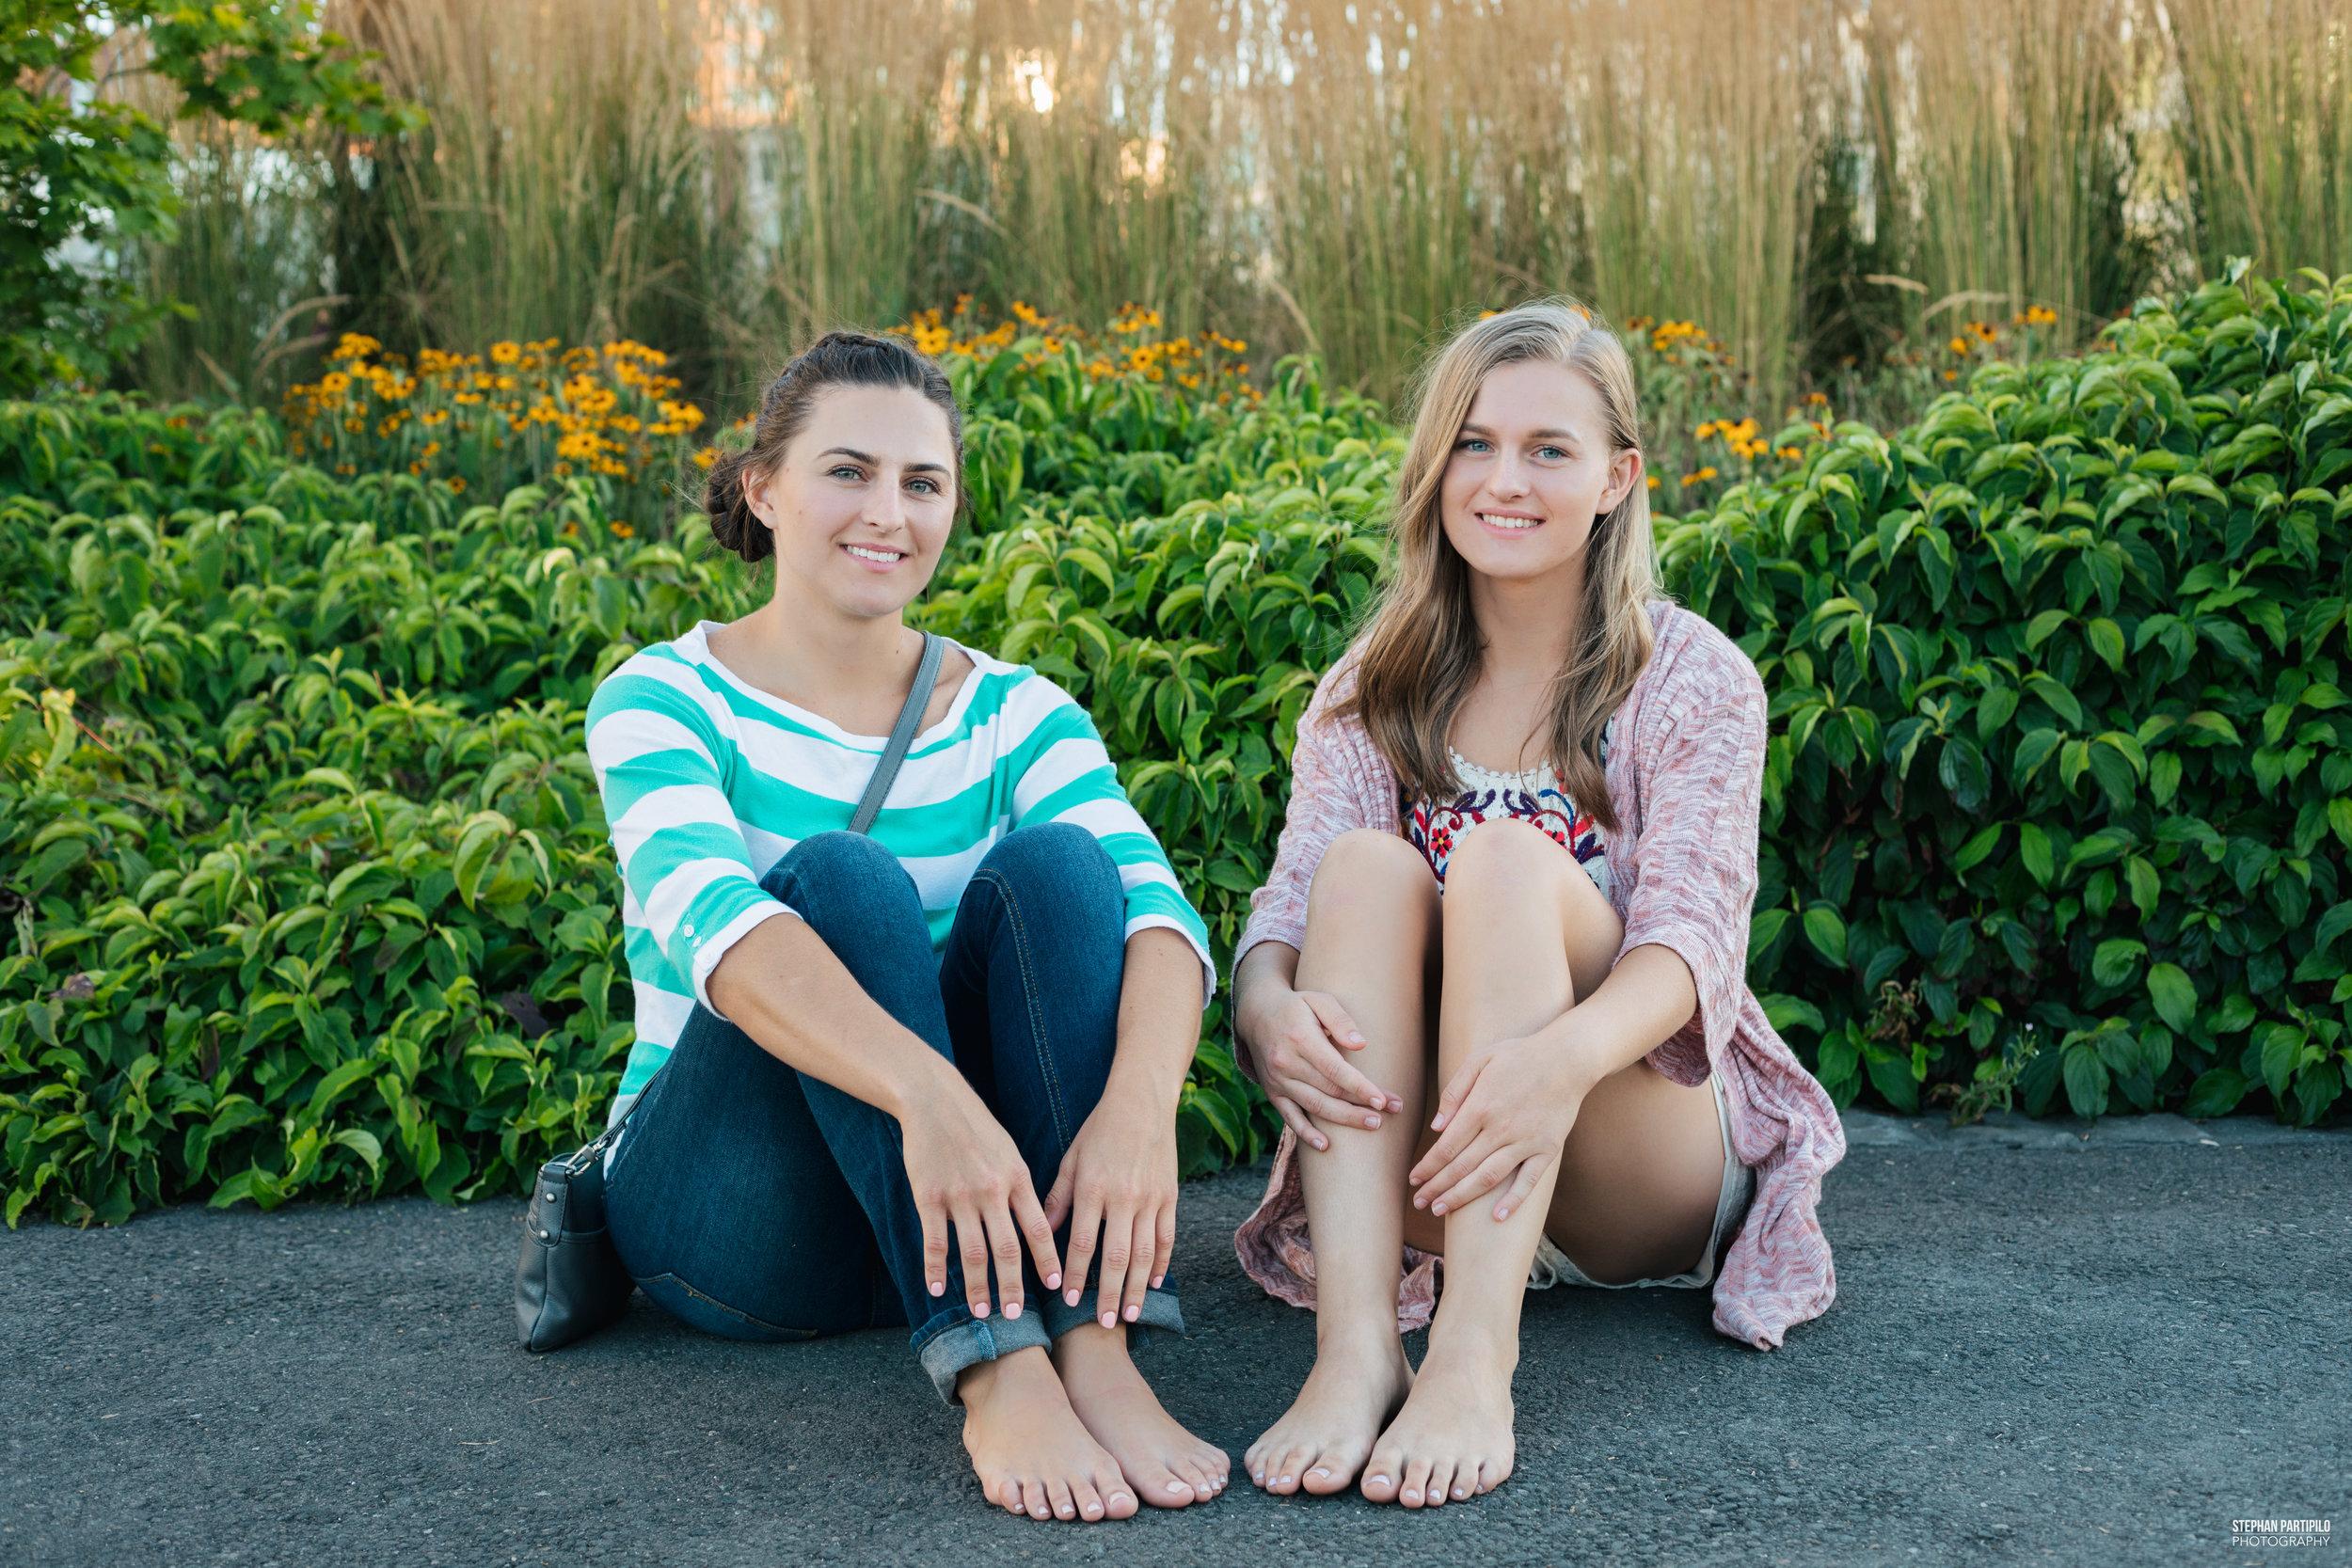 Alona & Anna 0G5A4247.jpg